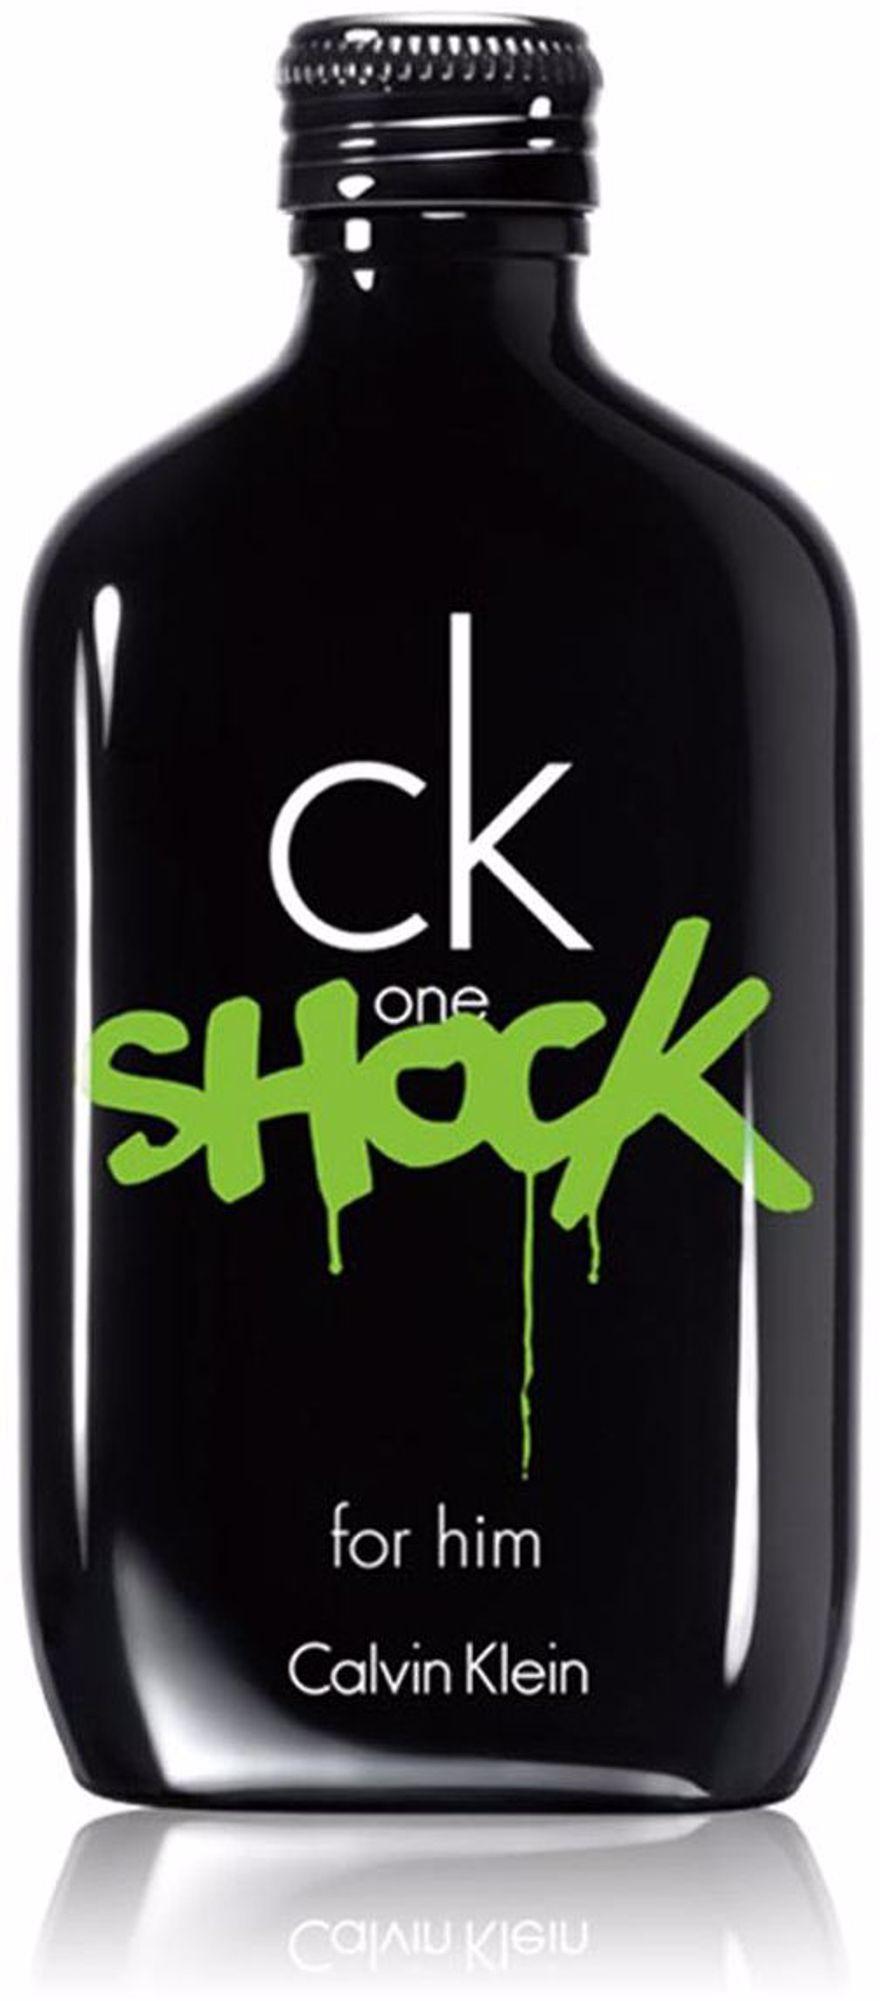 Calvin Klein CK One Shock for Him edt 100ml